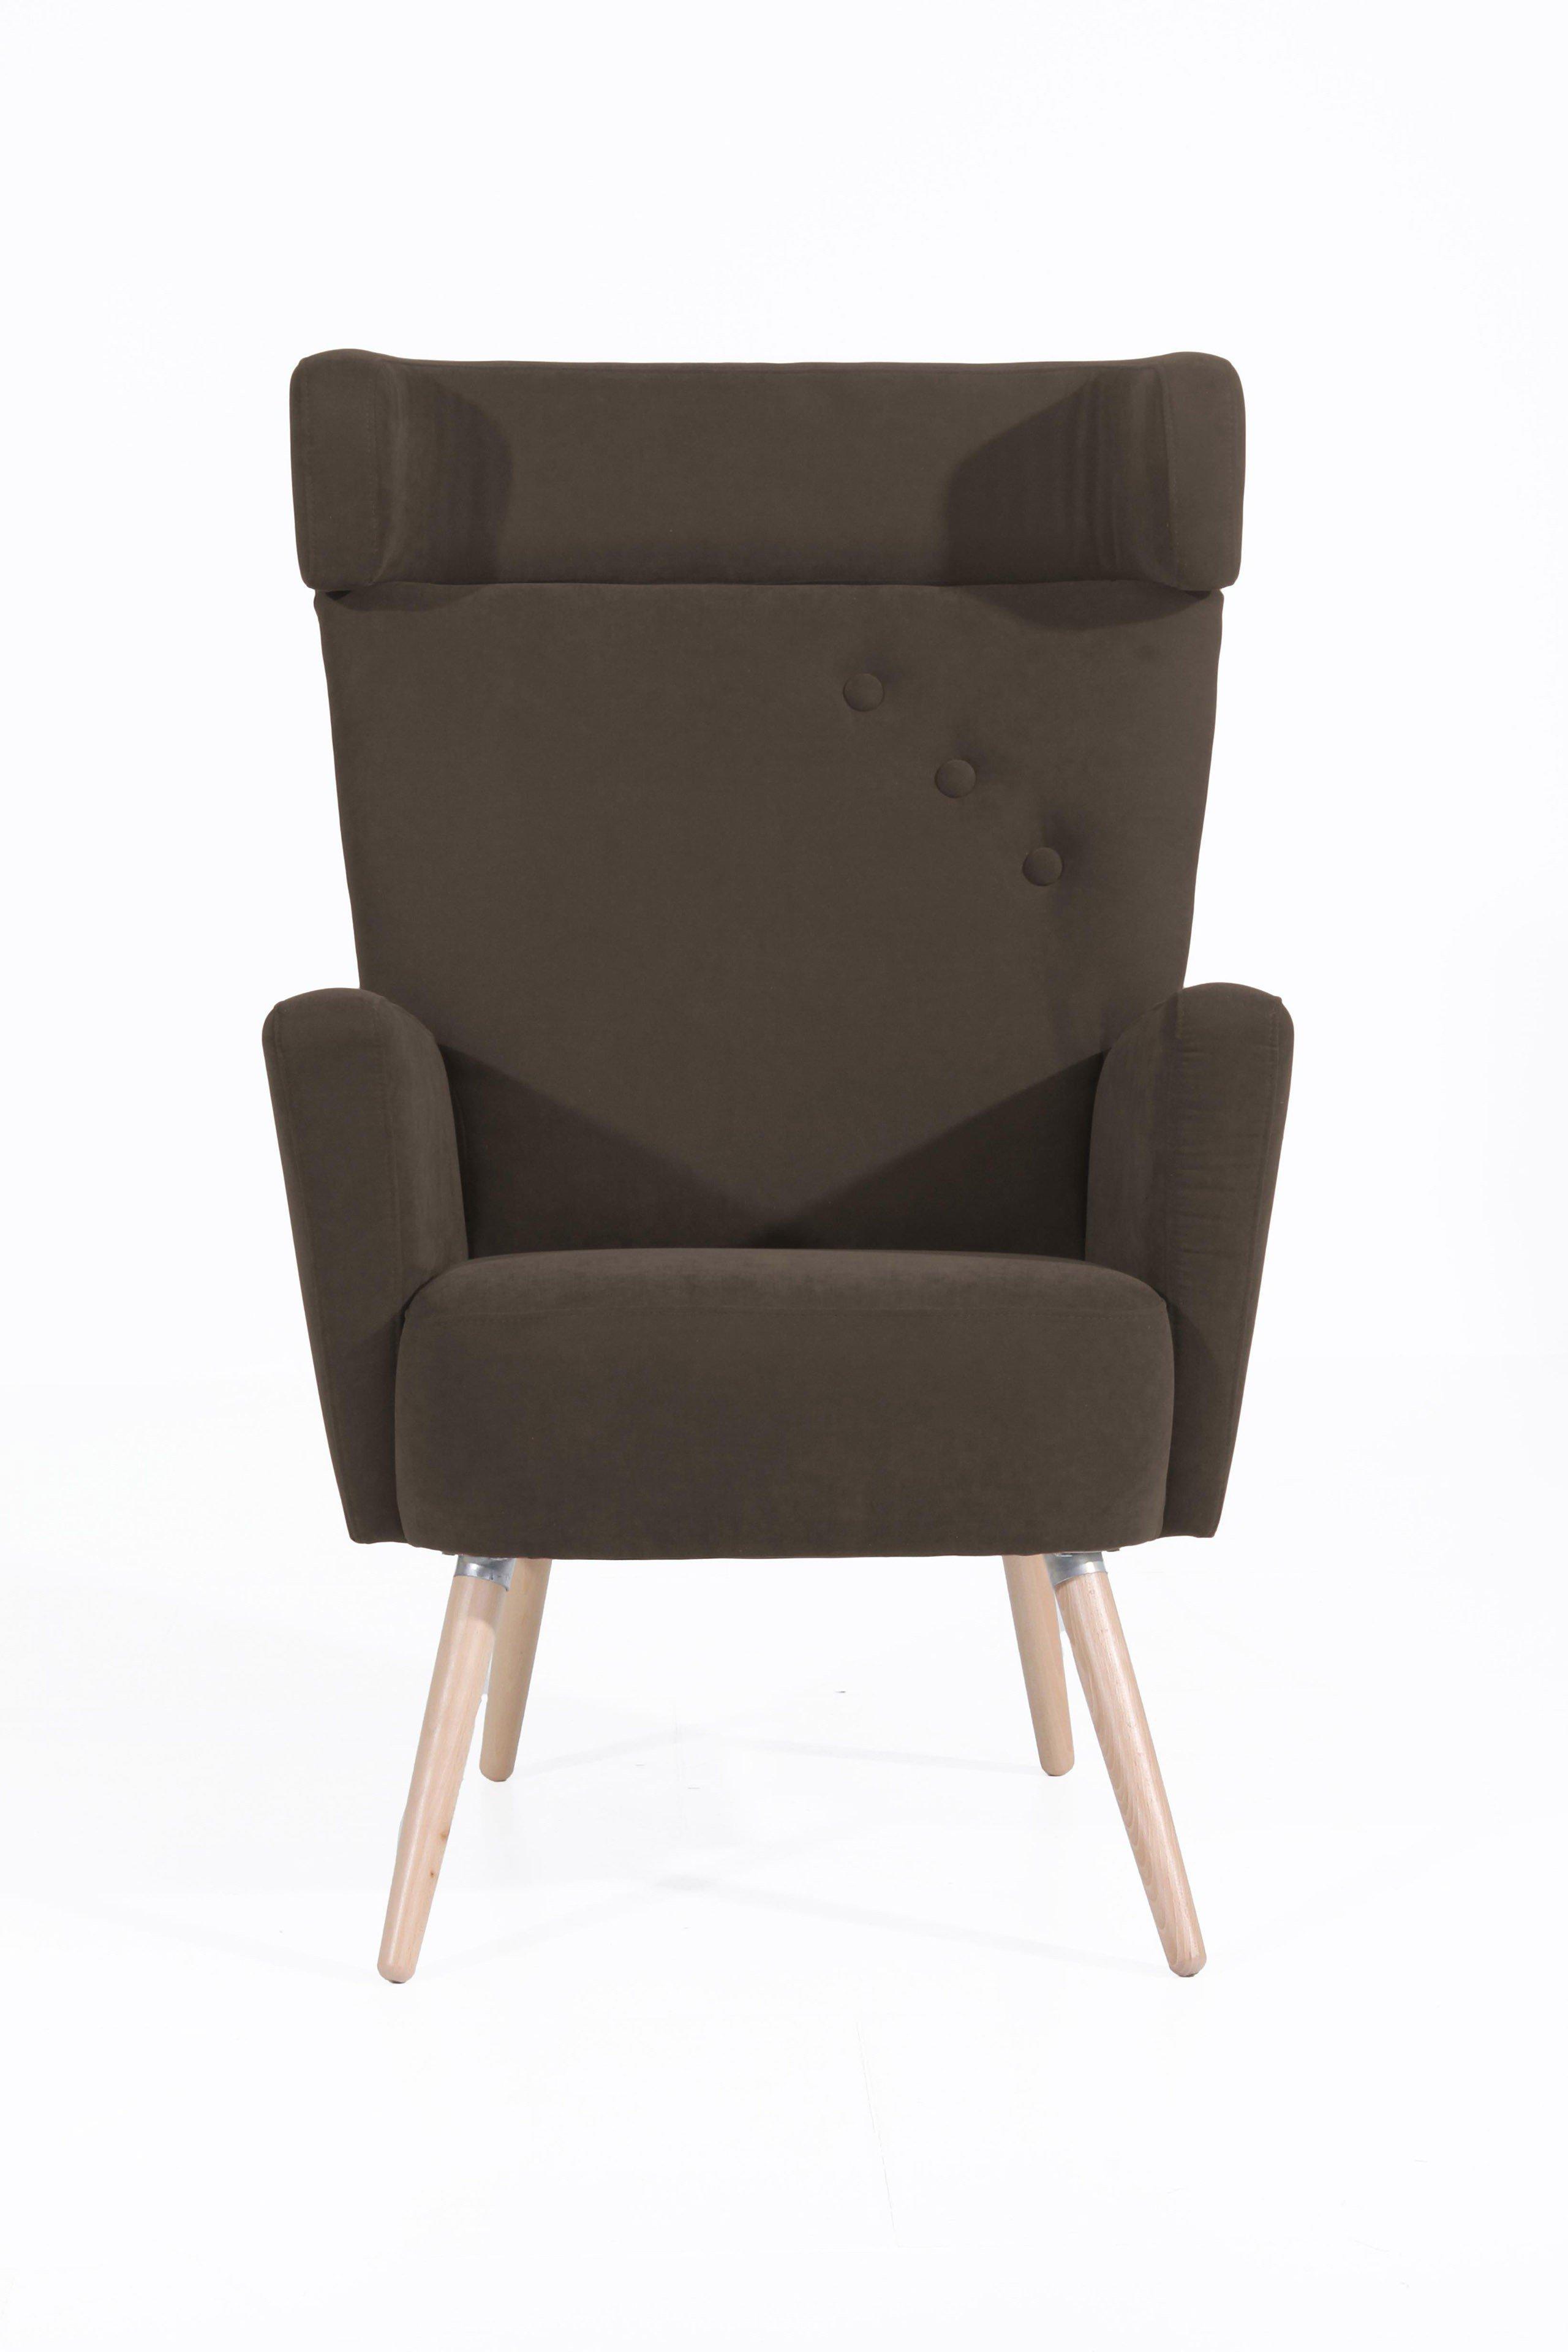 max winzer hajo ohrensessel in braun m bel letz ihr online shop. Black Bedroom Furniture Sets. Home Design Ideas